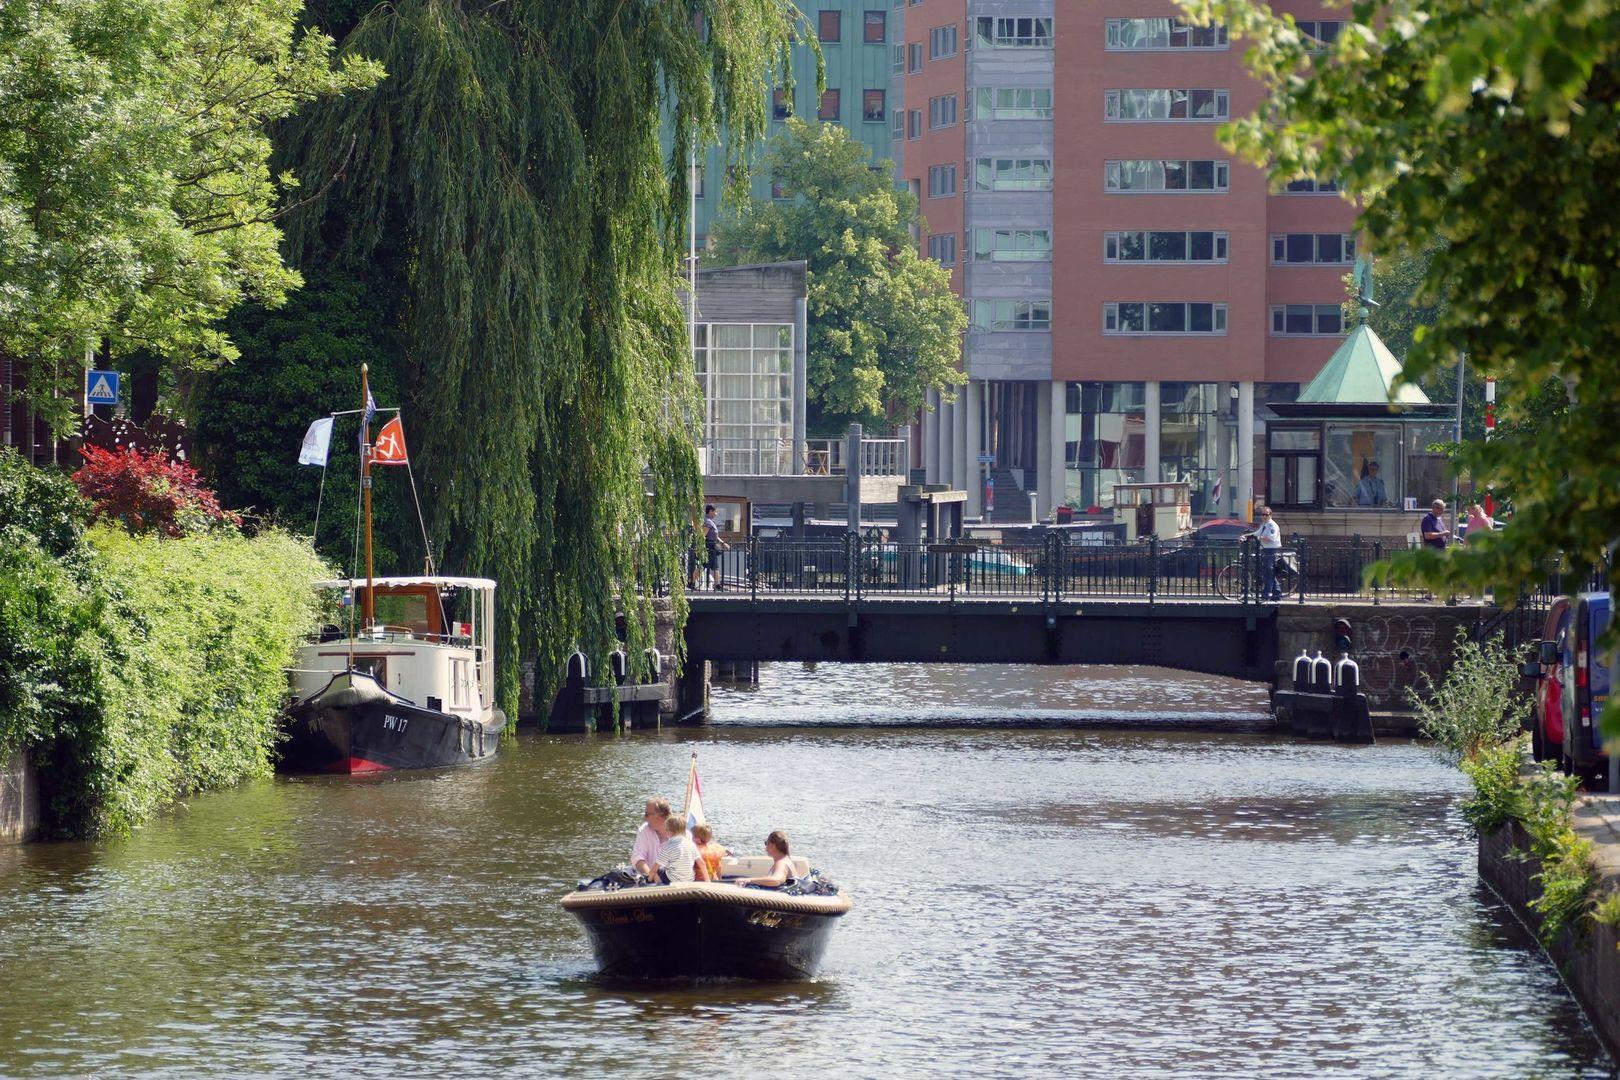 Praediniussingel 35, Groningen foto-